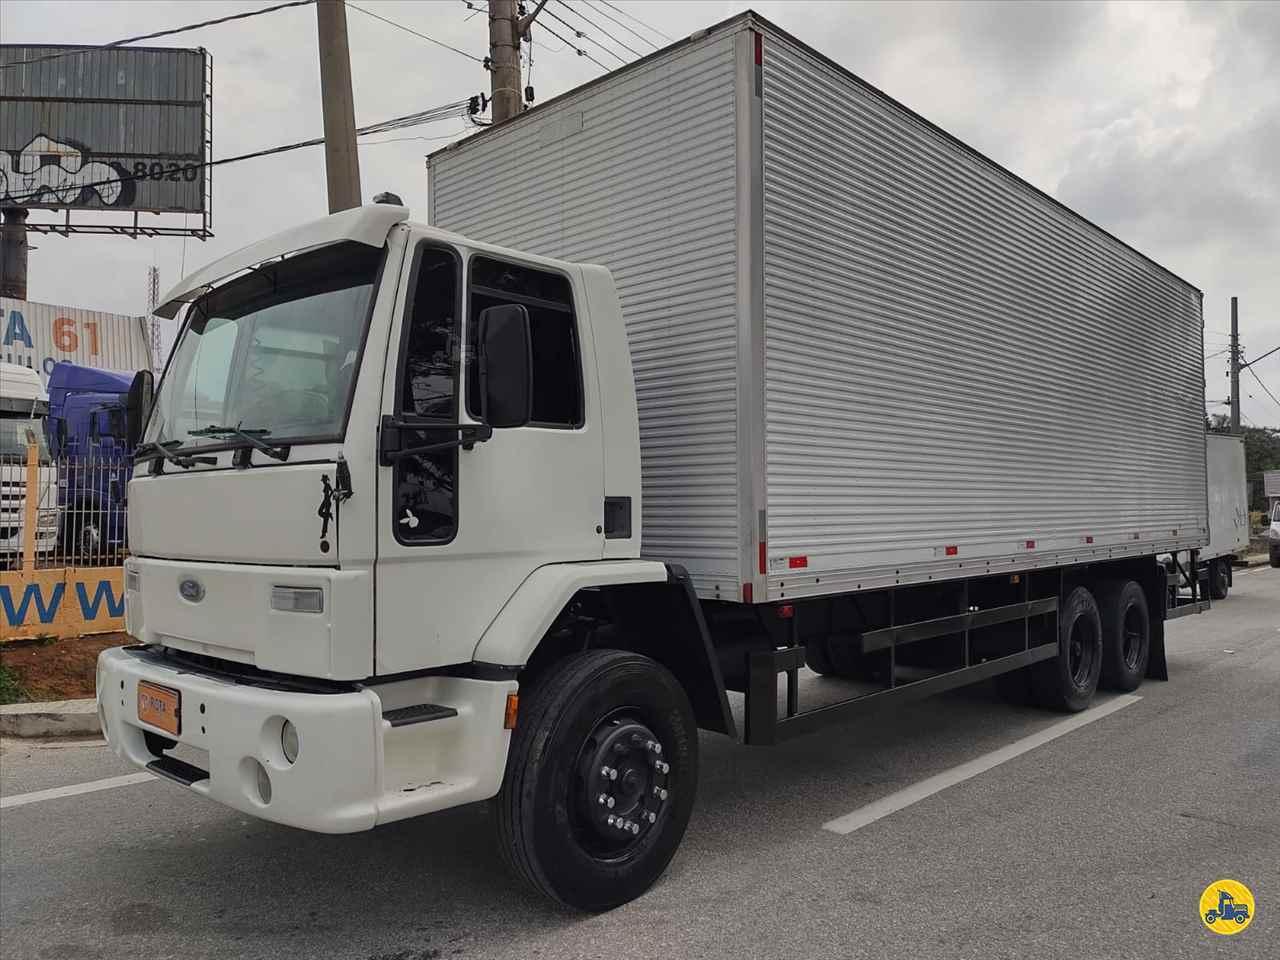 CAMINHAO FORD CARGO 1517 Baú Furgão Truck 6x2 Rota 61 Veículos JUNDIAI SÃO PAULO SP